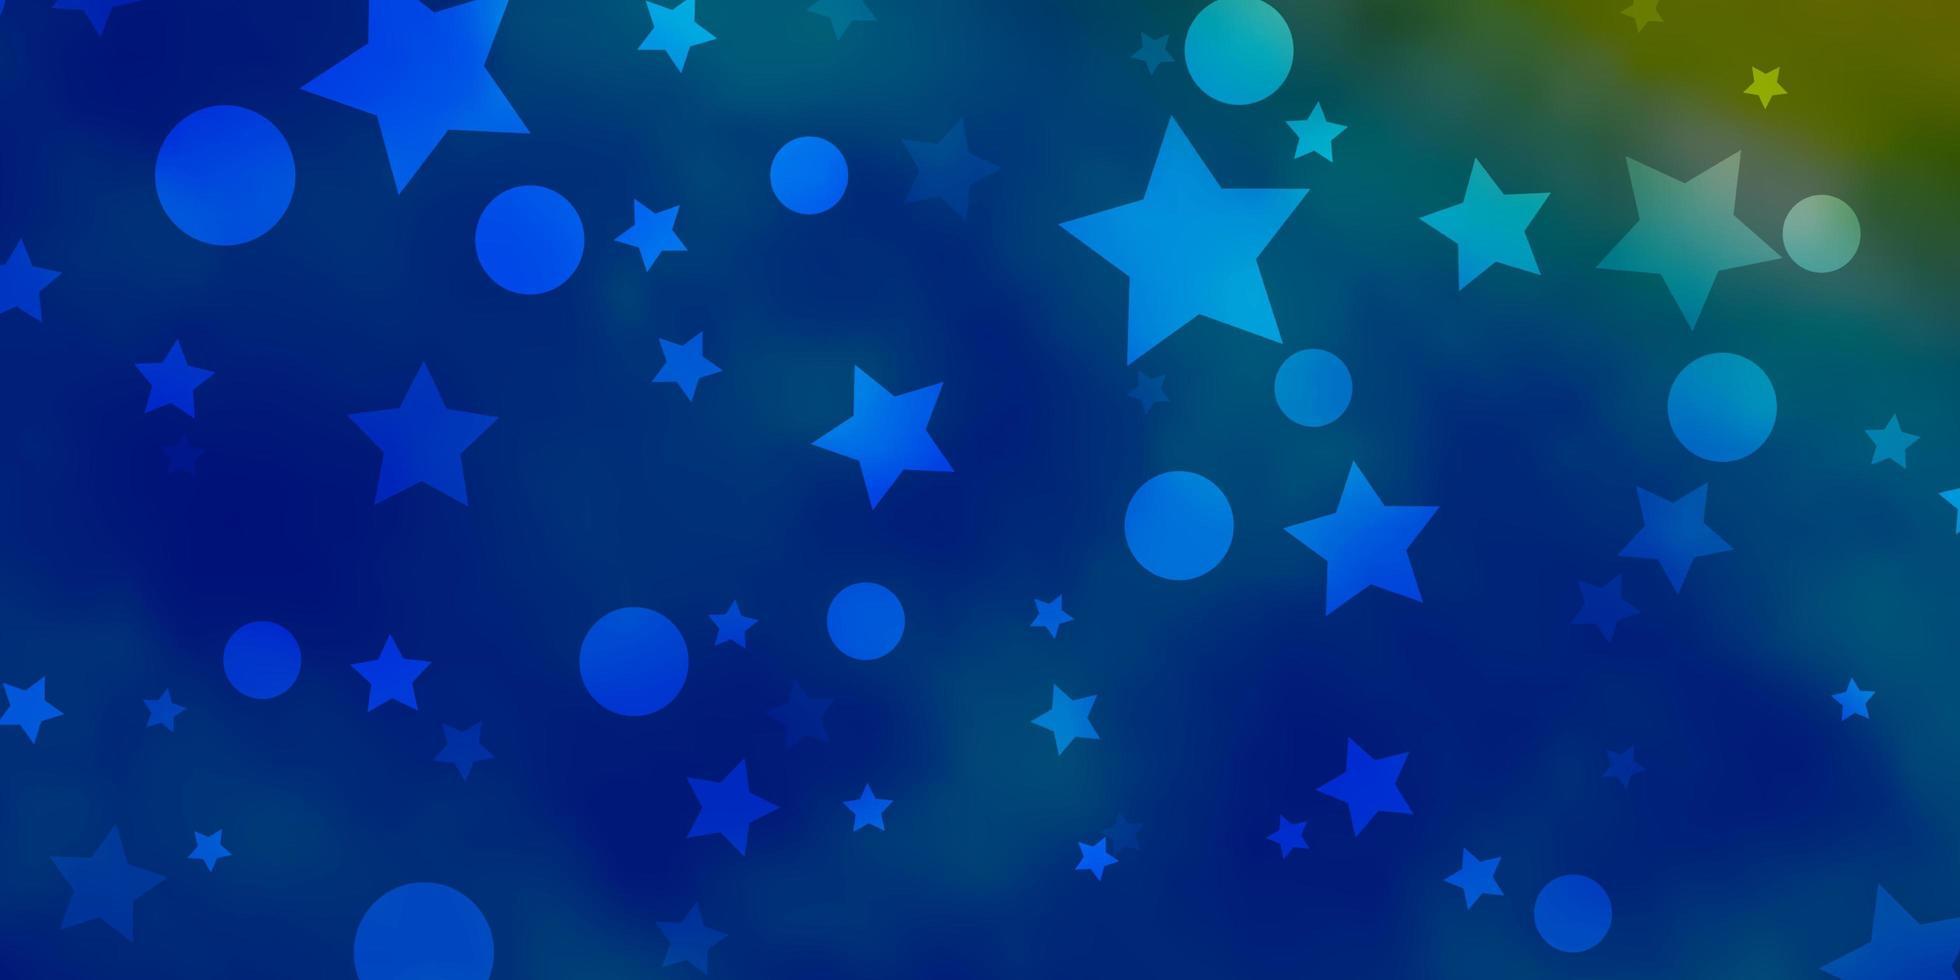 Telón de fondo de vector azul claro, amarillo con círculos, estrellas.